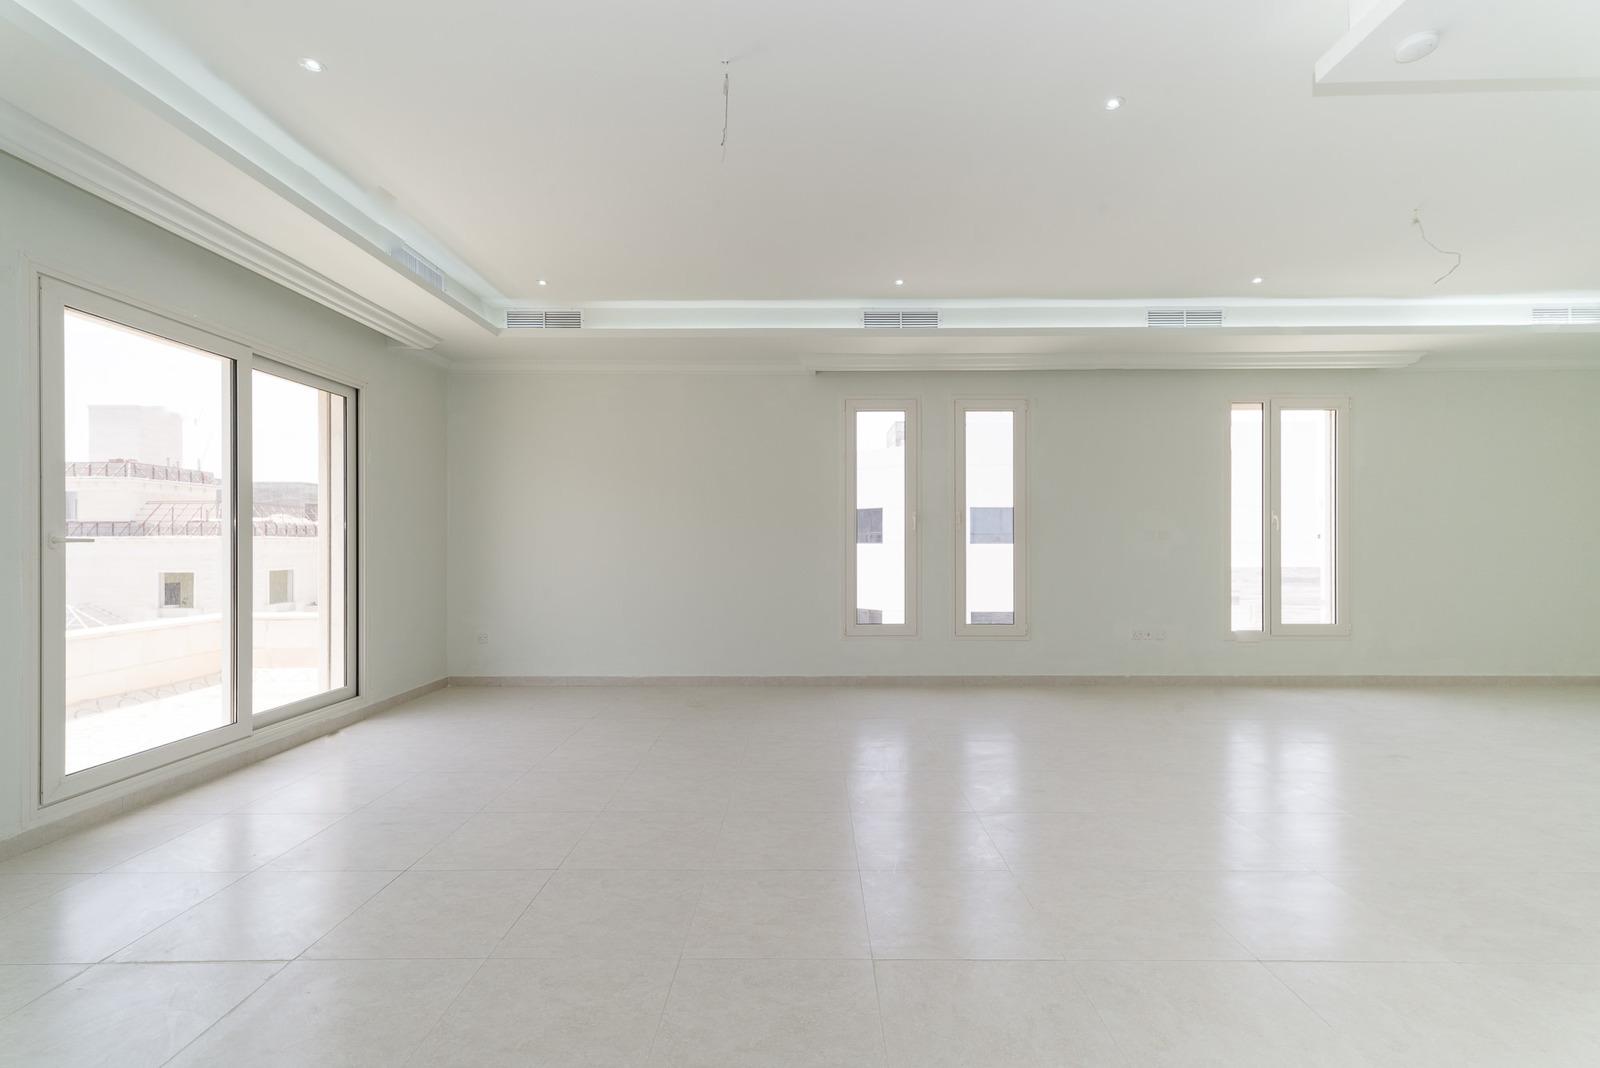 Fnaitees – spacious, unfurnished, three bedroom apartment